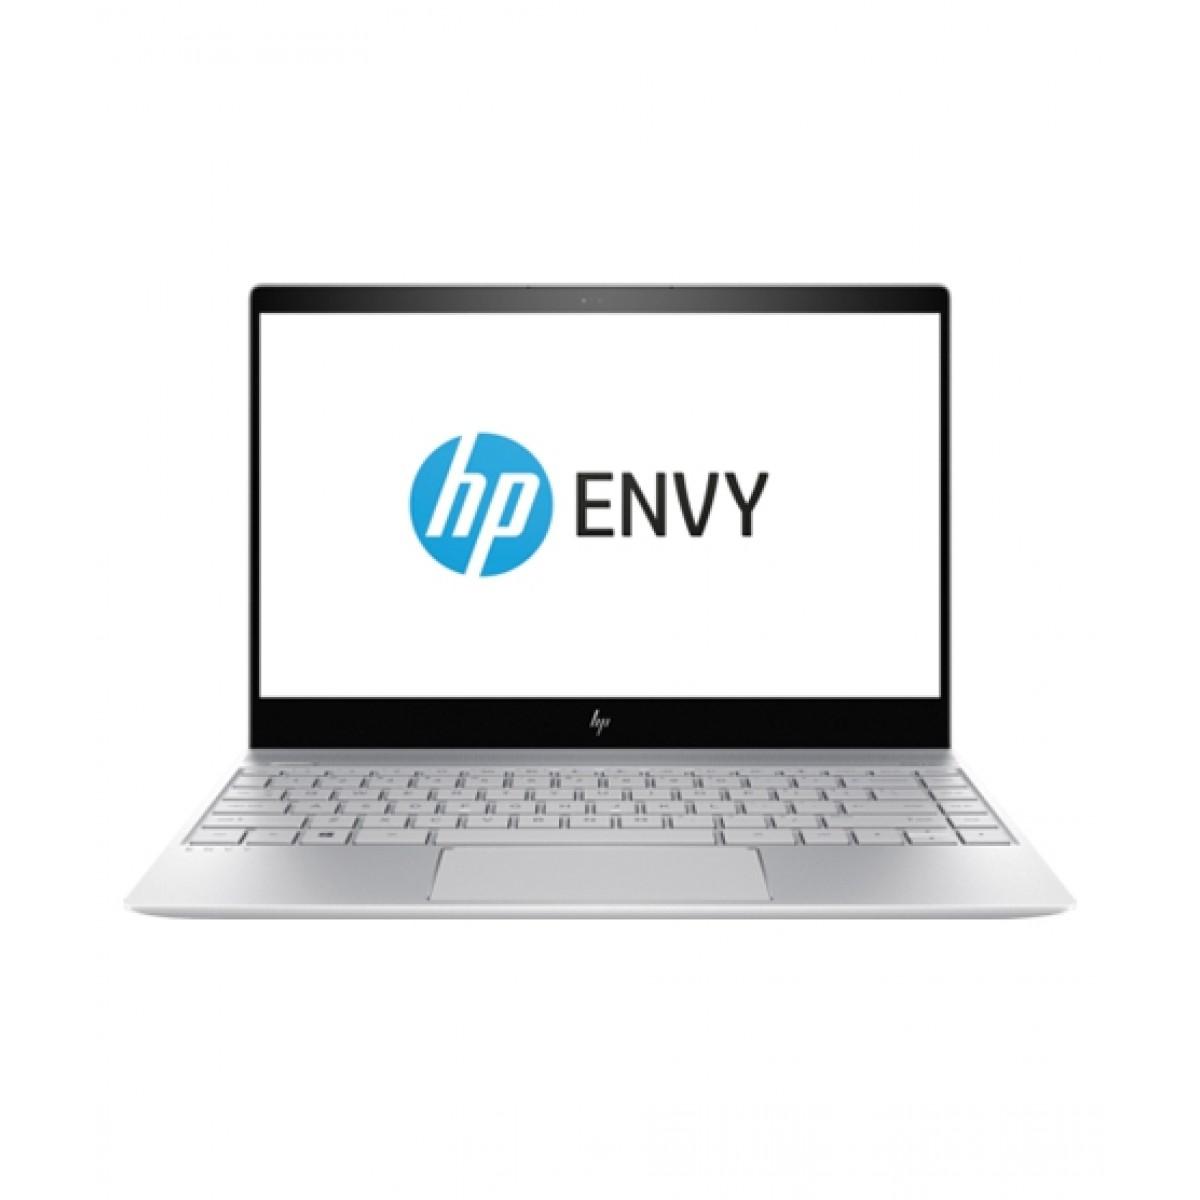 HP Envy 13 3